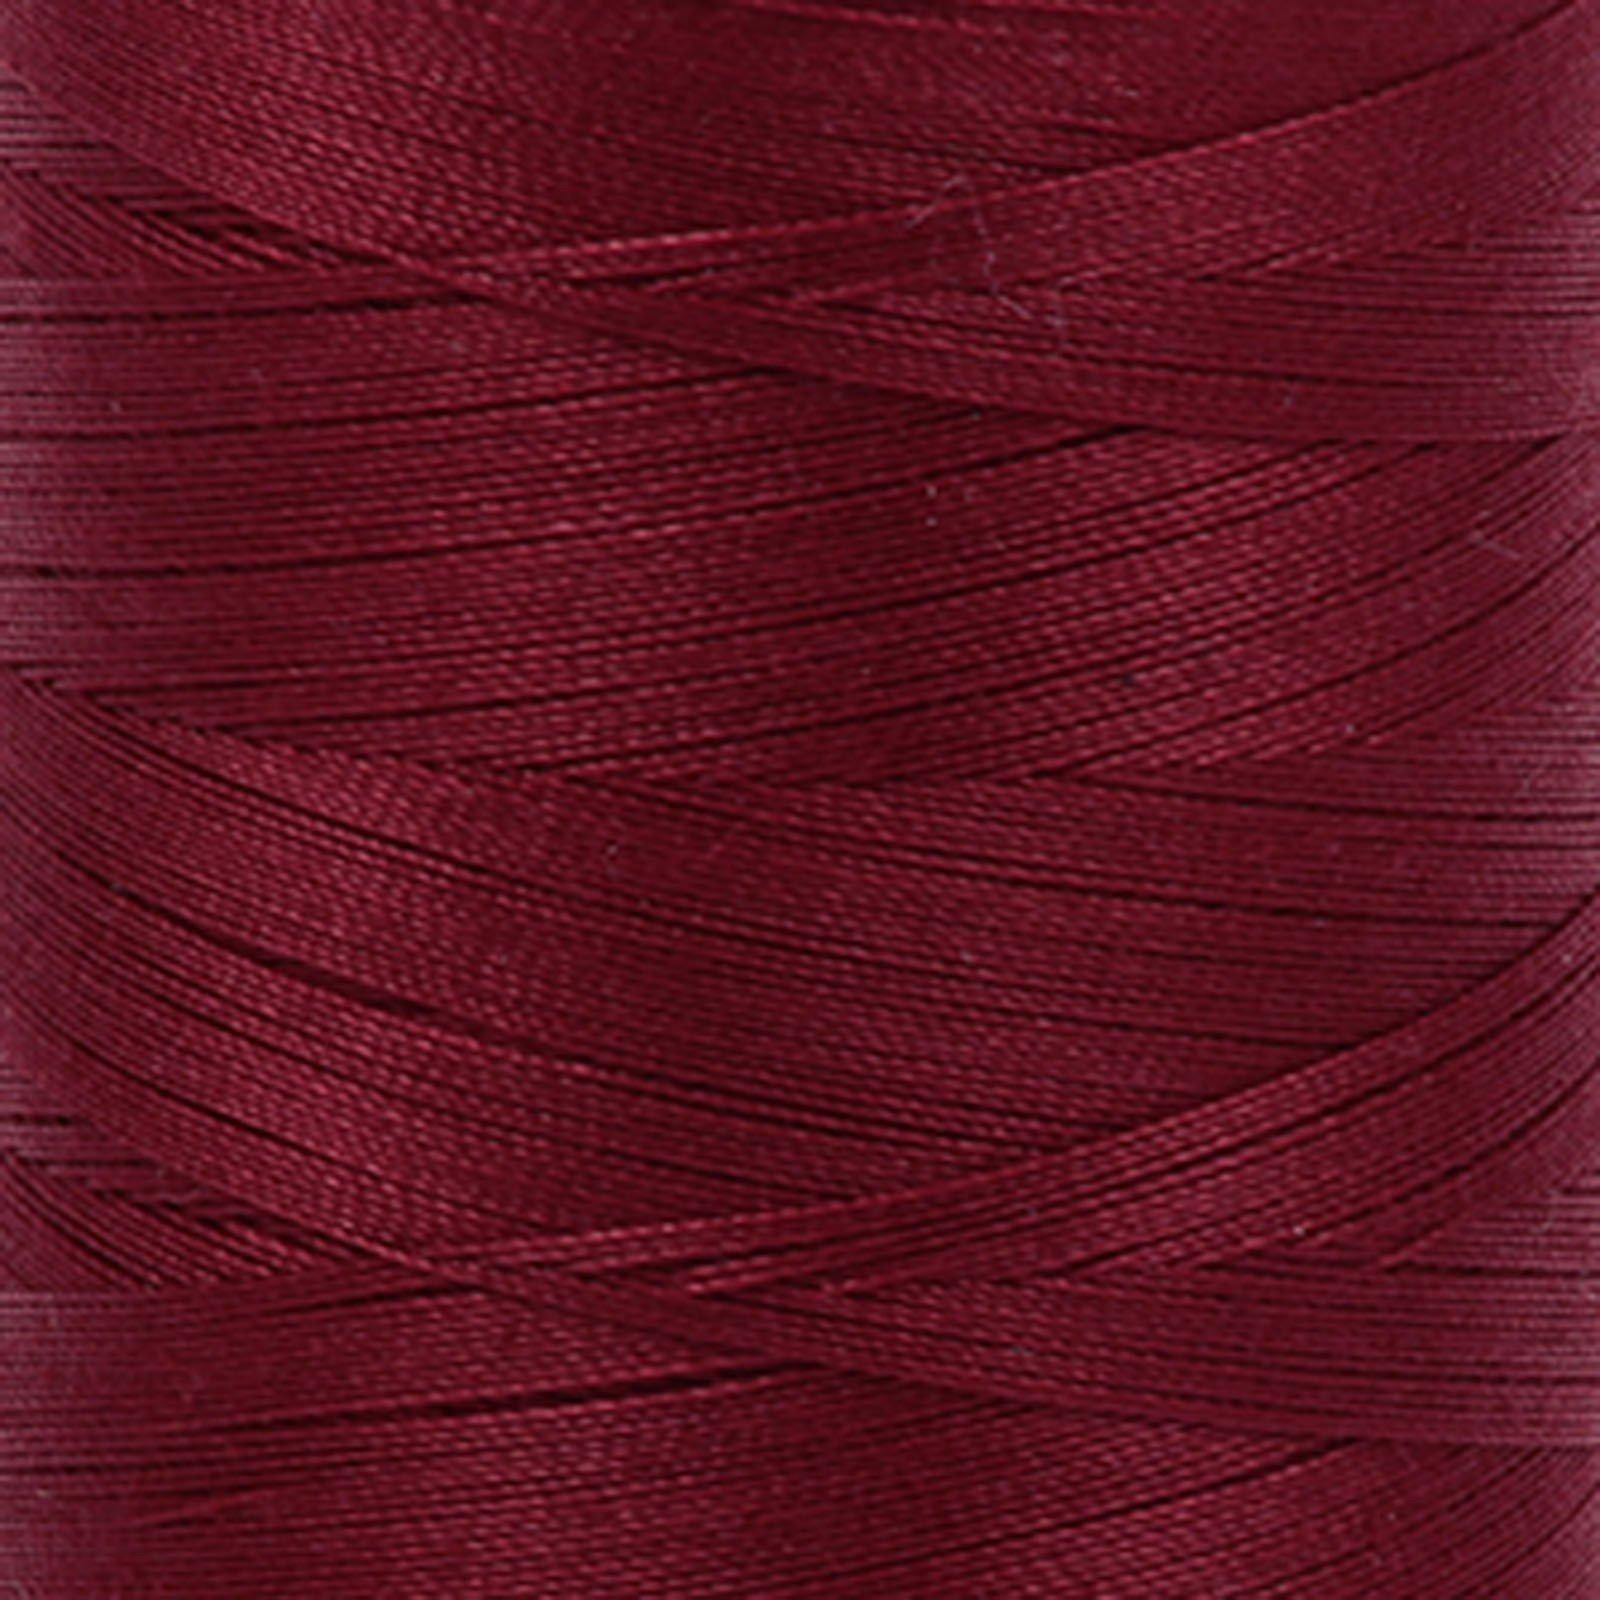 Aurifil Cotton 2460 50wt 220 yds